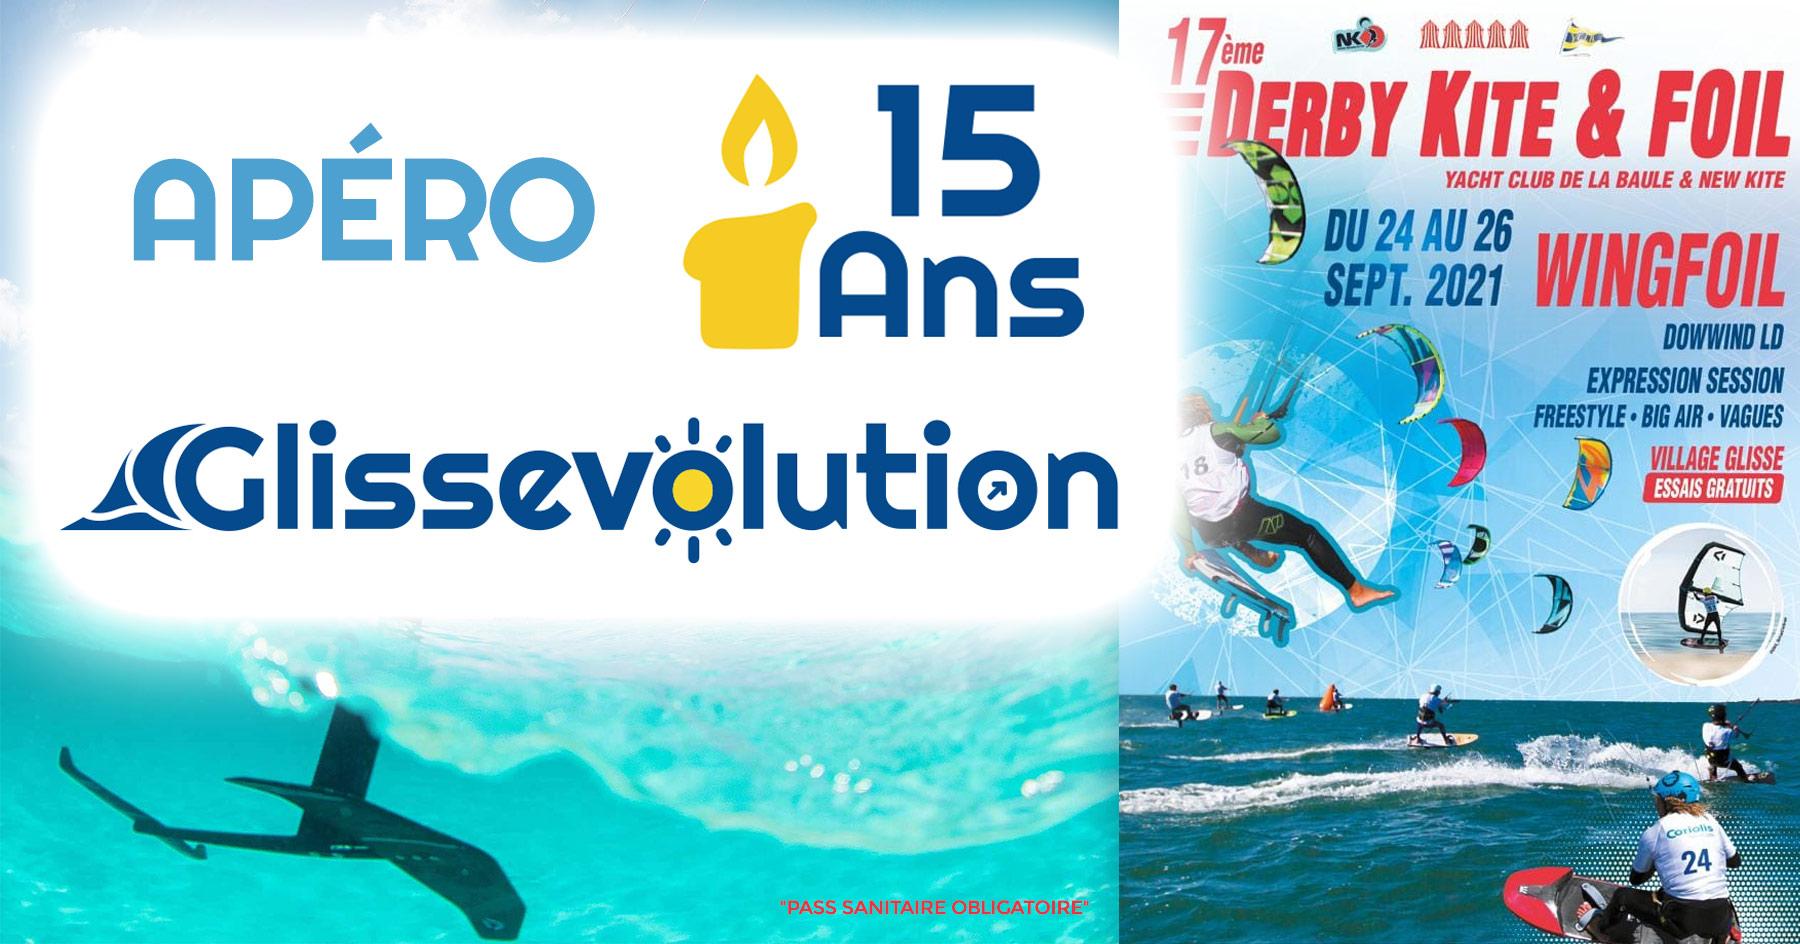 Apéro des 15 ans de GlissEvolution X Derby Kite & Foil